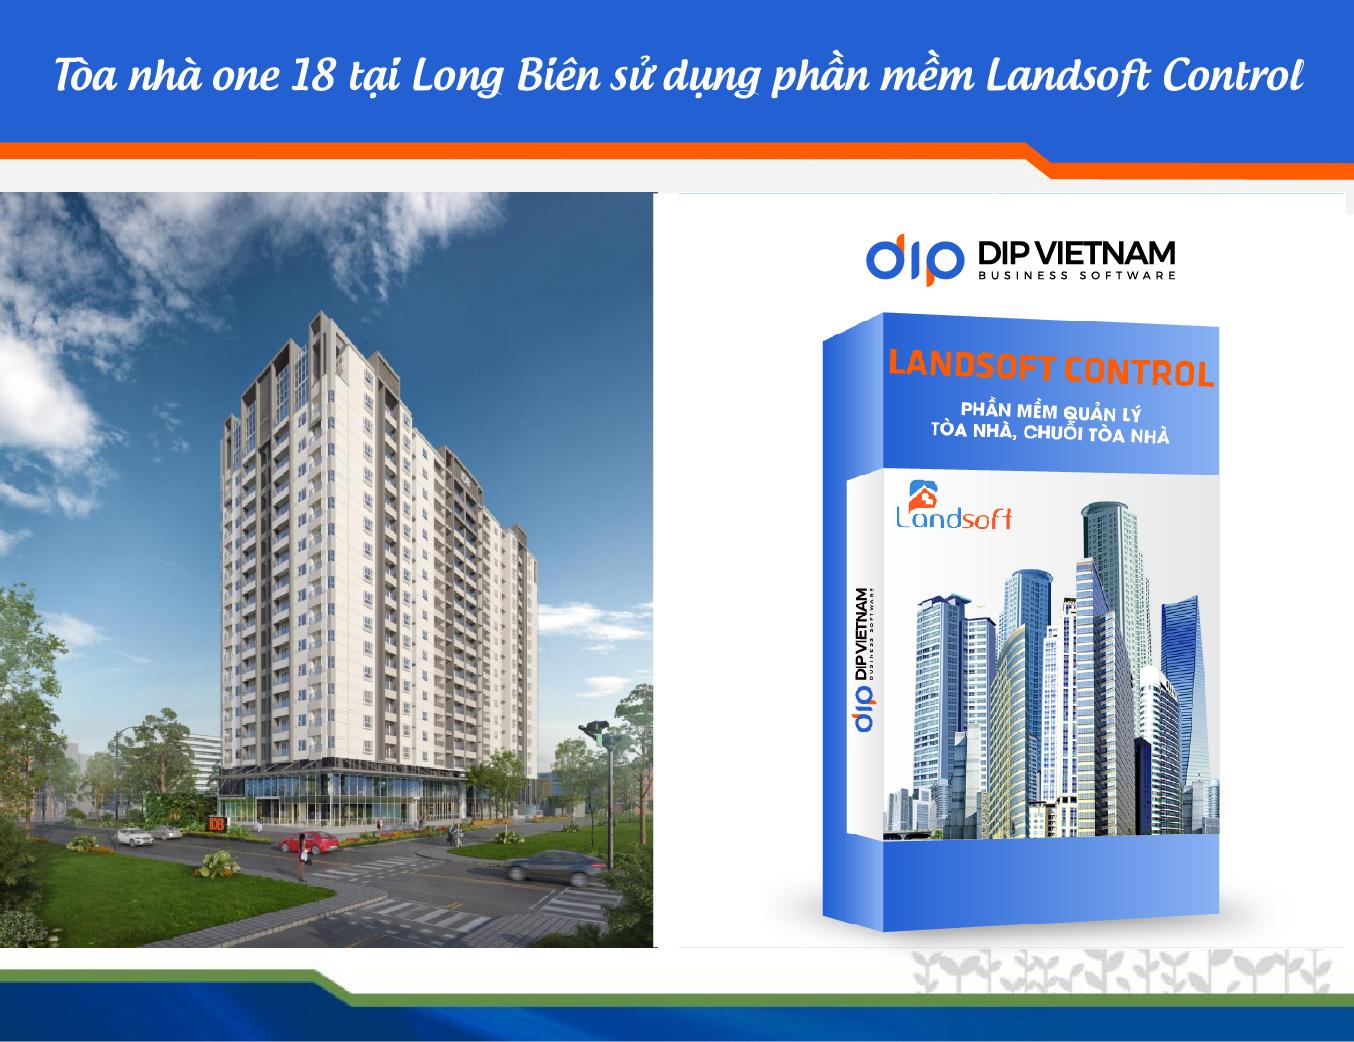 Tòa nhà The One 18 nâng cao quản lý dịch vụ hiệu quả hơn với phần mềm Landsoft Control